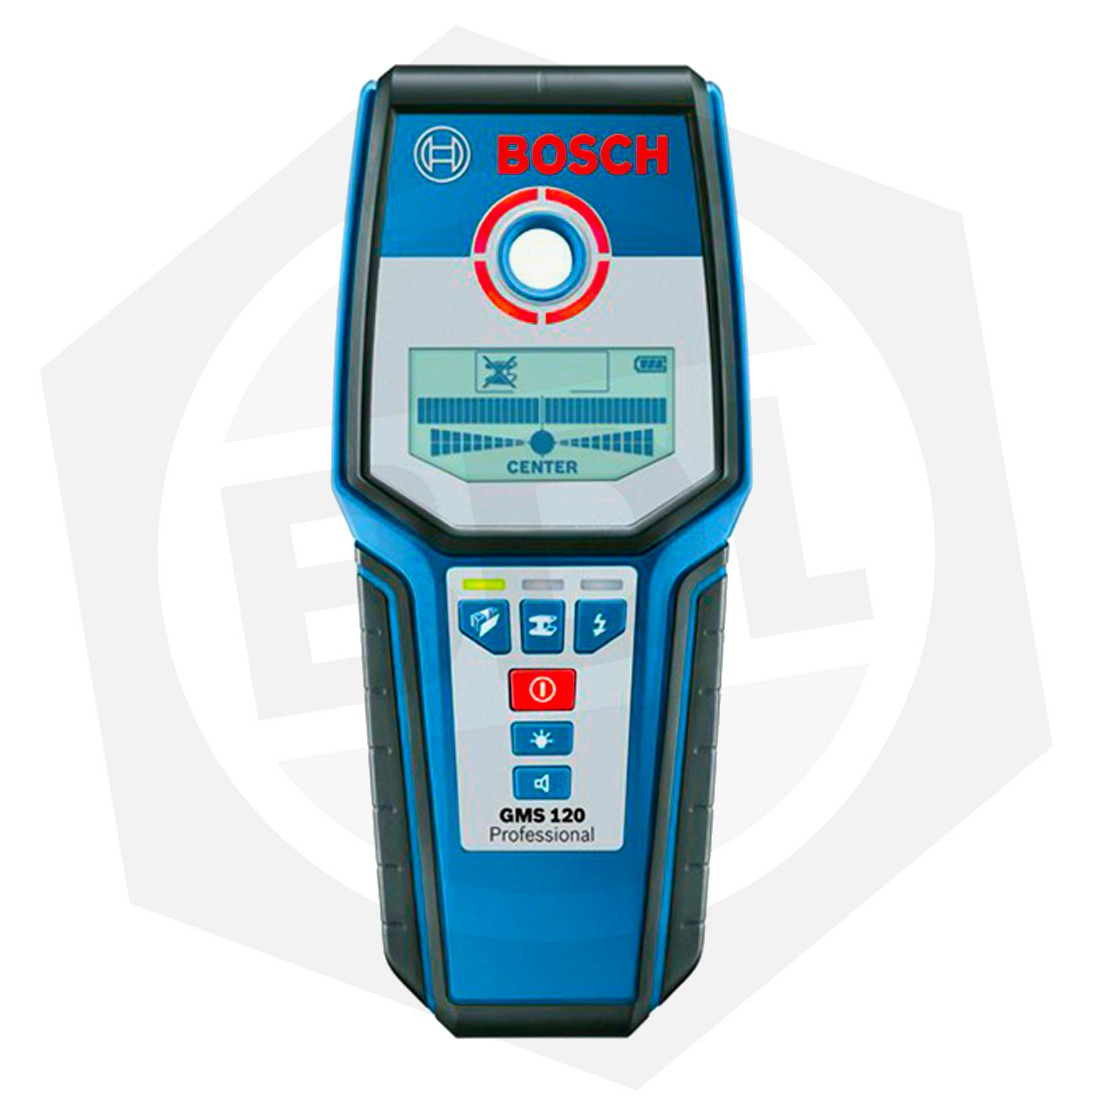 OFERTA - 10% DE DESCUENTO - Detector Digital Bosch GMS 120 - METAL / MADERA / ELECTRICIDAD